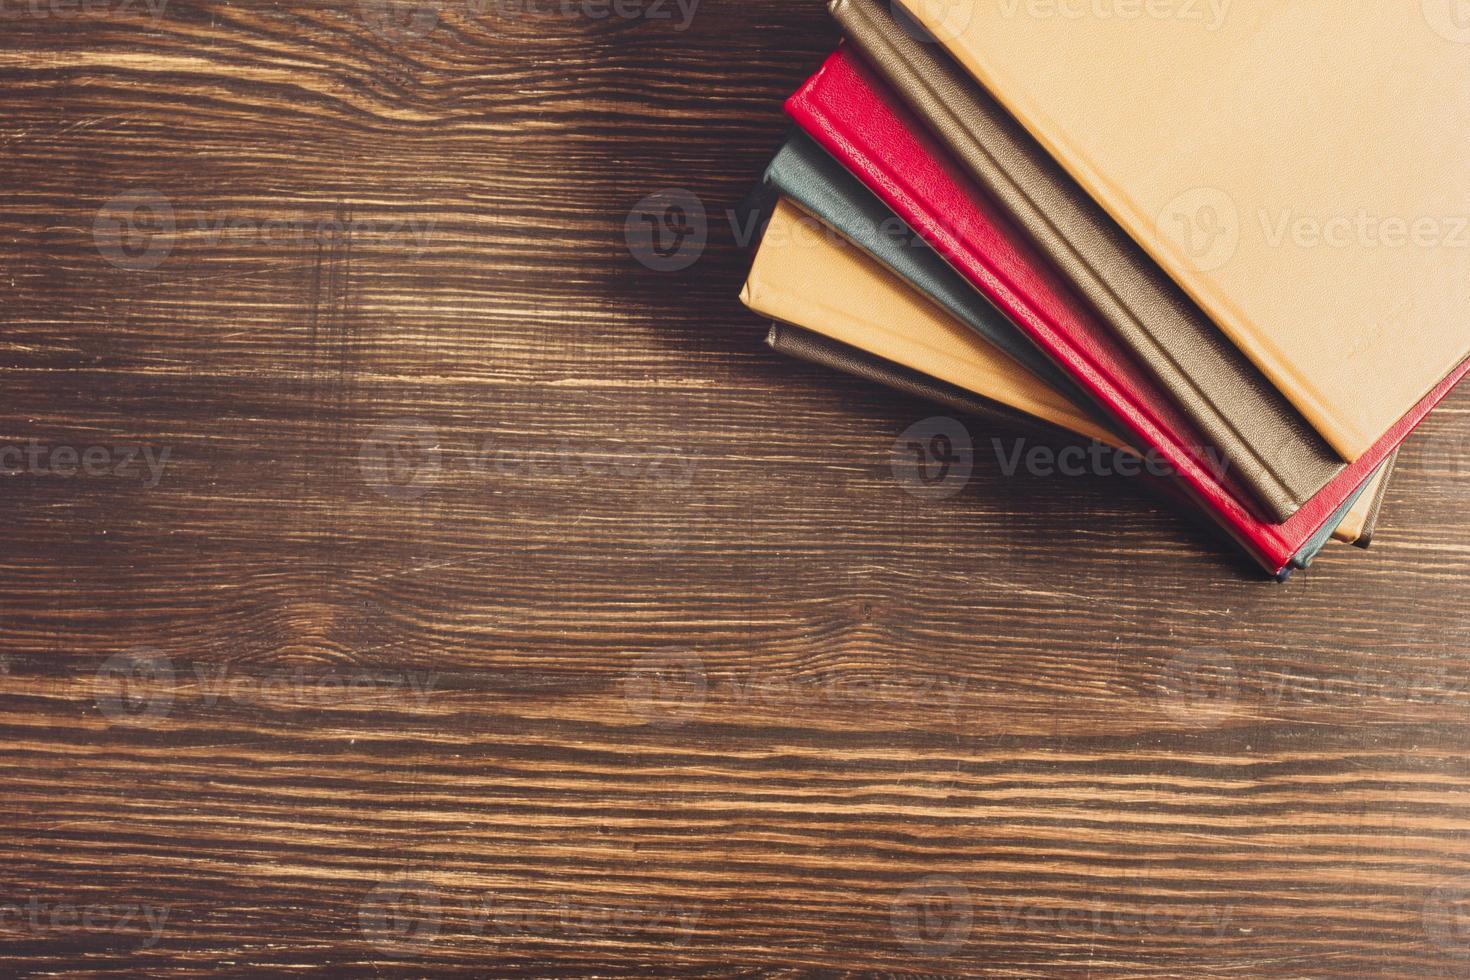 boeken over houten bureau. foto